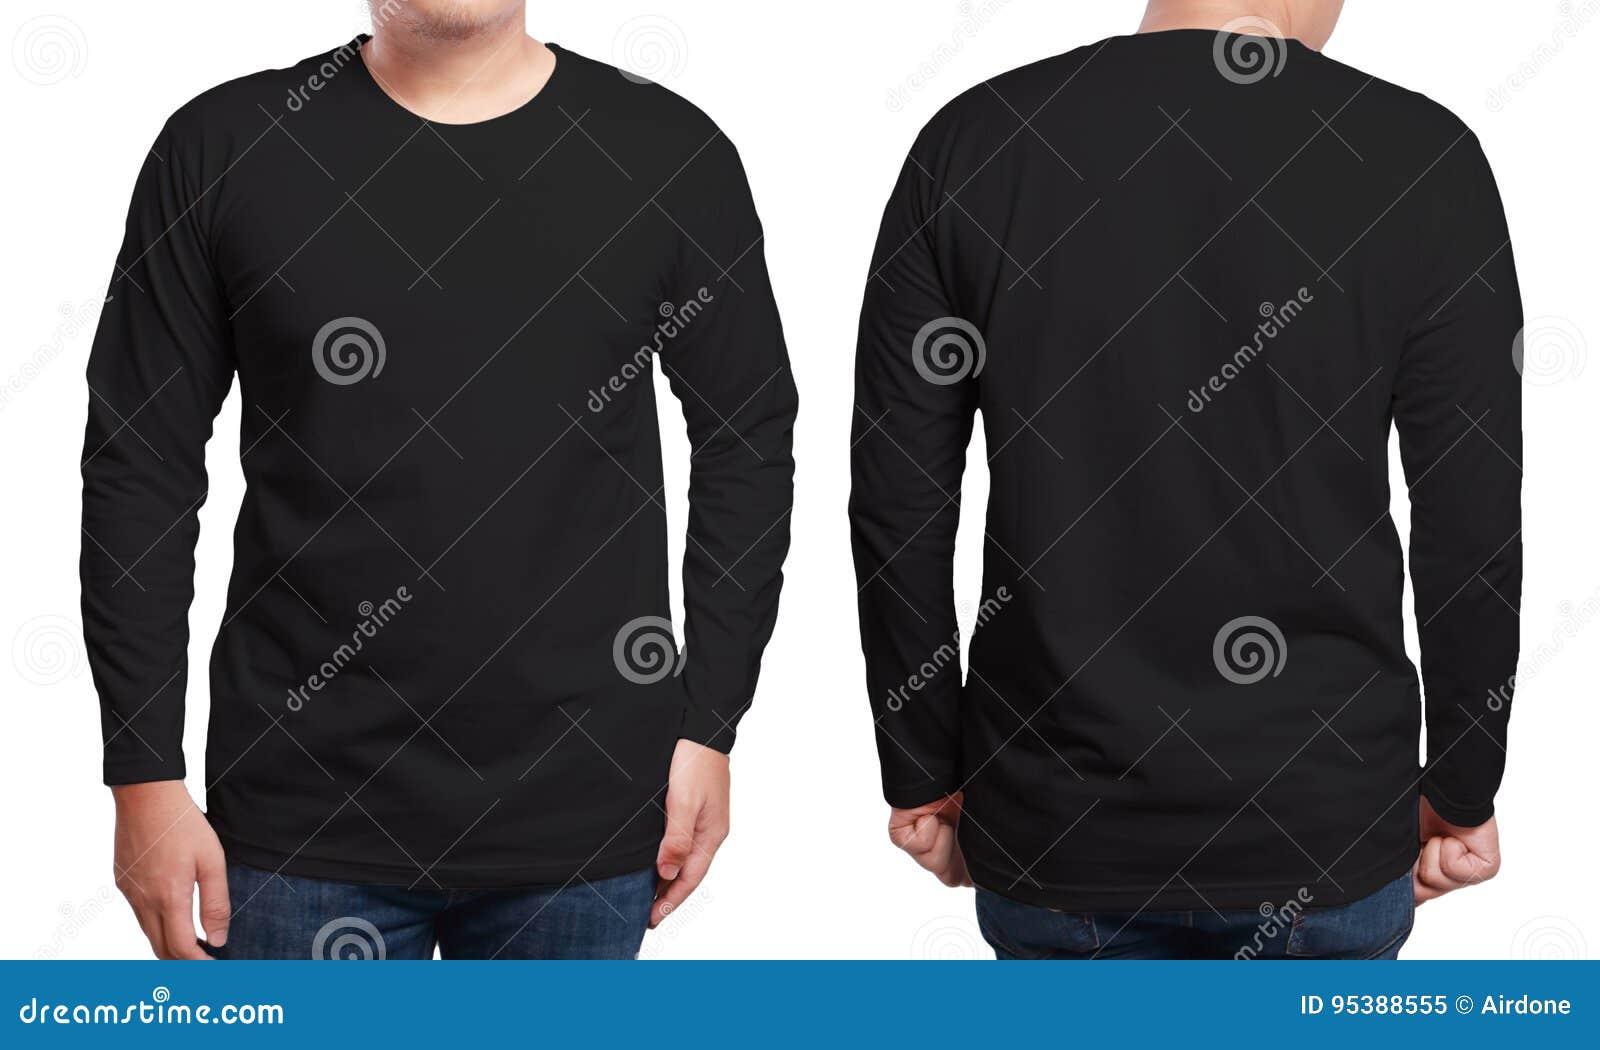 black long sleeved shirt design template stock image image of copy apparel 95388555. Black Bedroom Furniture Sets. Home Design Ideas